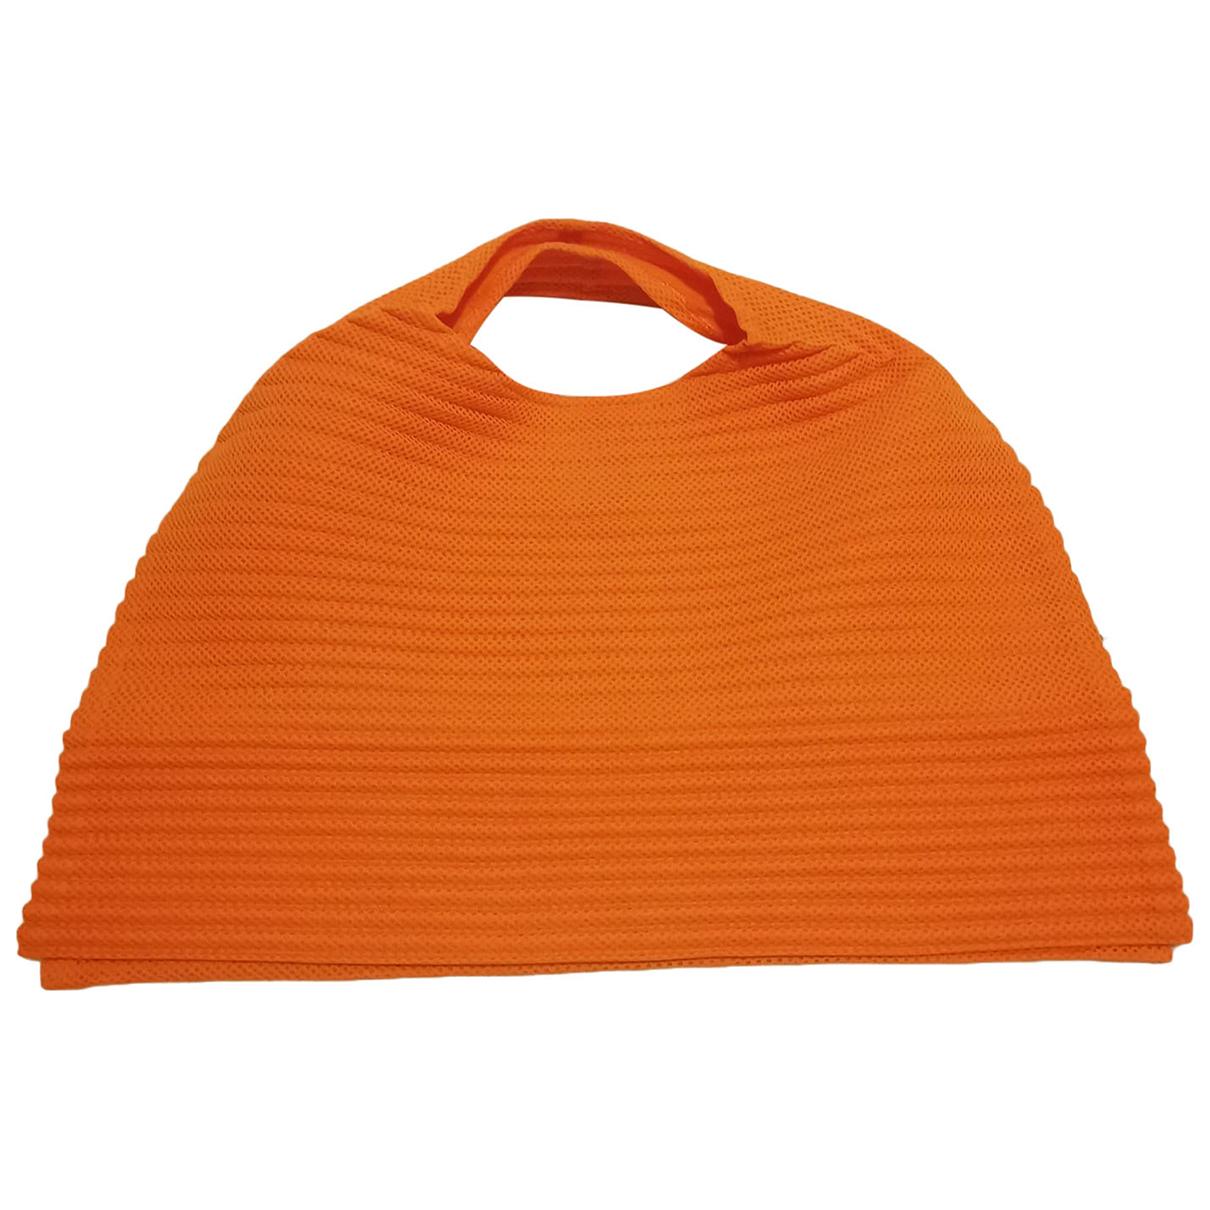 Issey Miyake \N Handtasche in  Orange Polyester